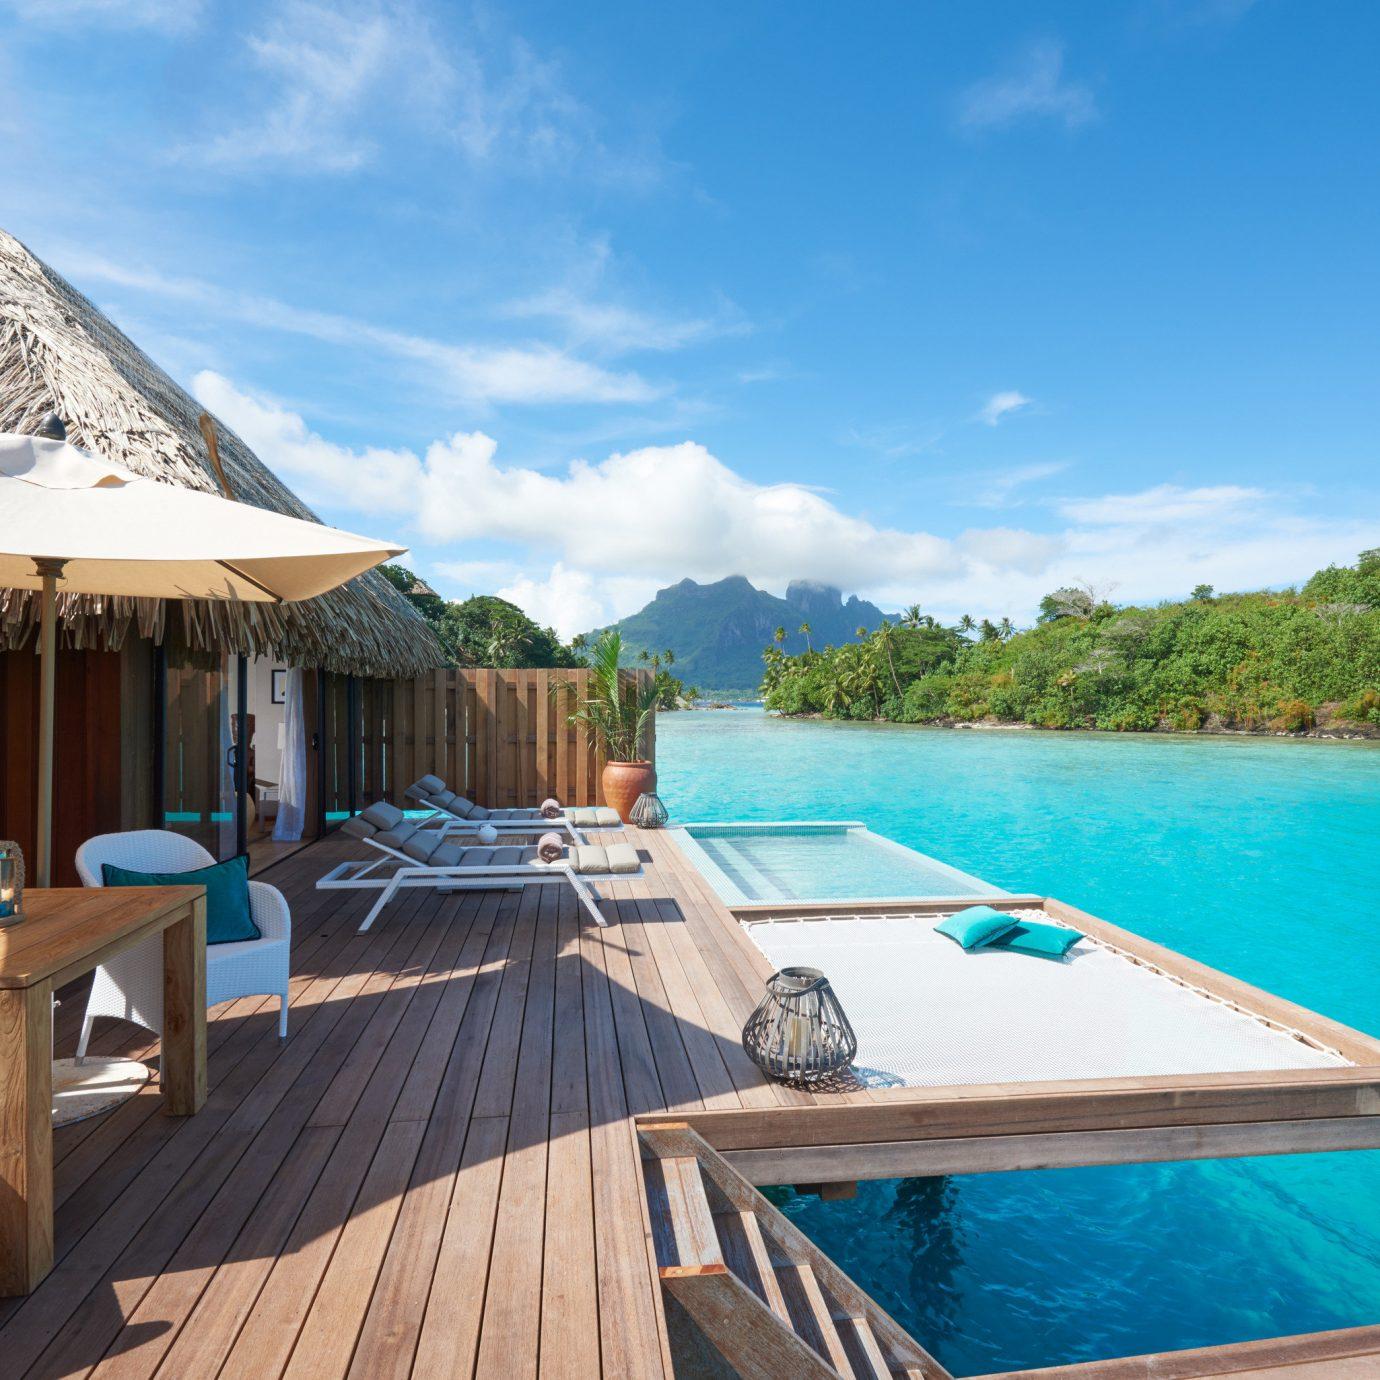 The St. Regis Bora Bora Resort (Bora Bora, French